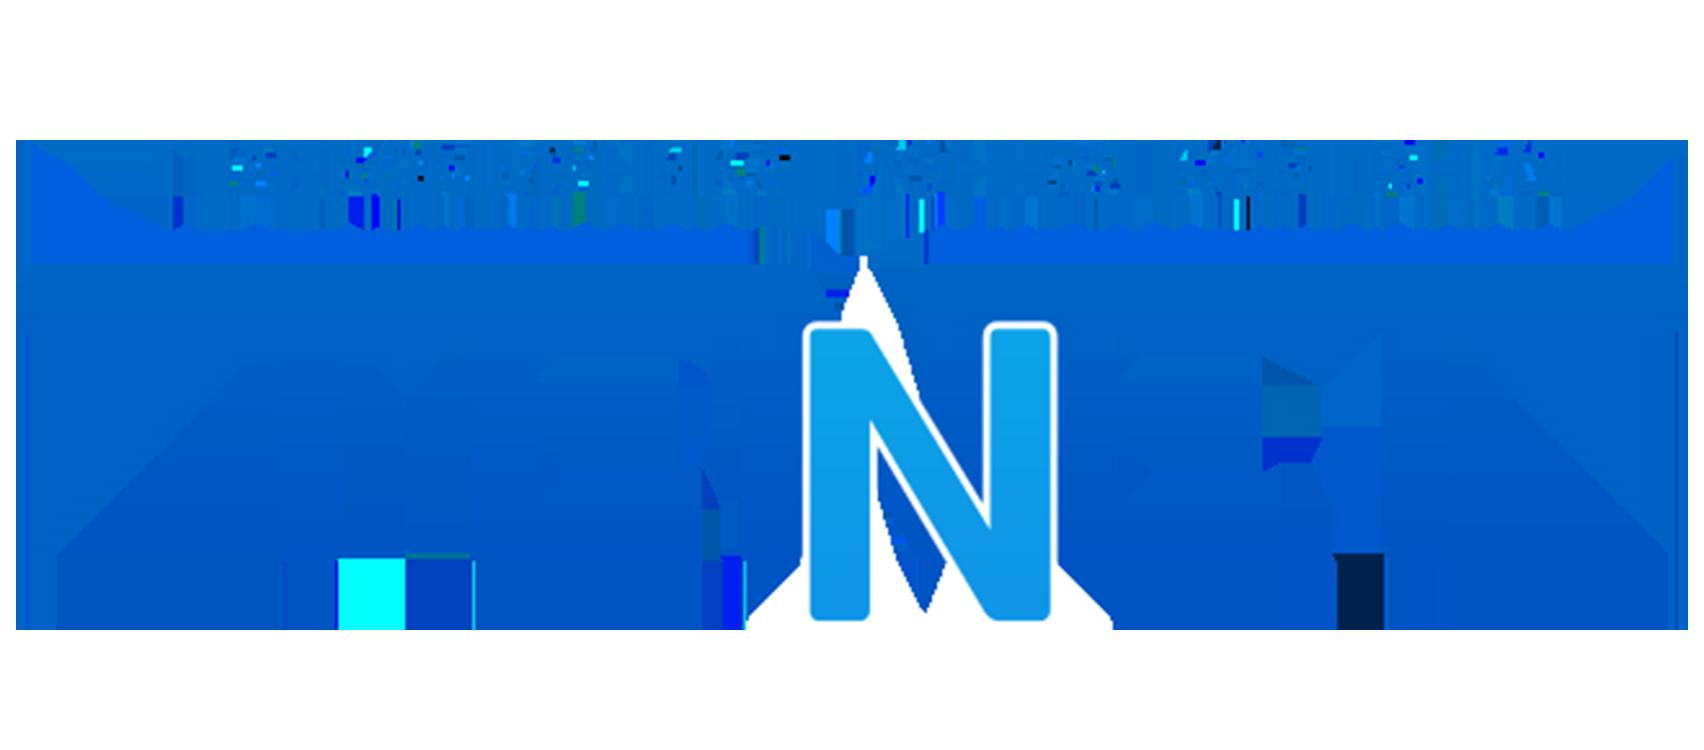 Tenet - Интернет  (Николаев)